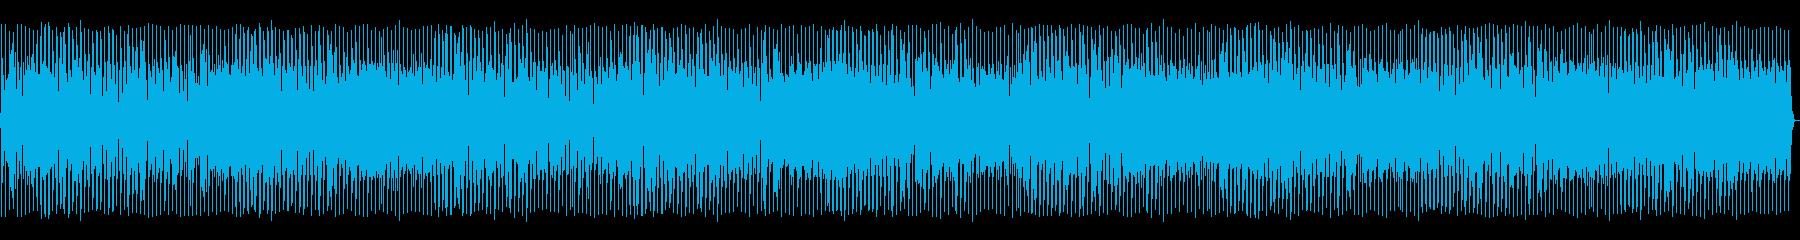 アコーディオン、ハンドクラップ、フ...の再生済みの波形